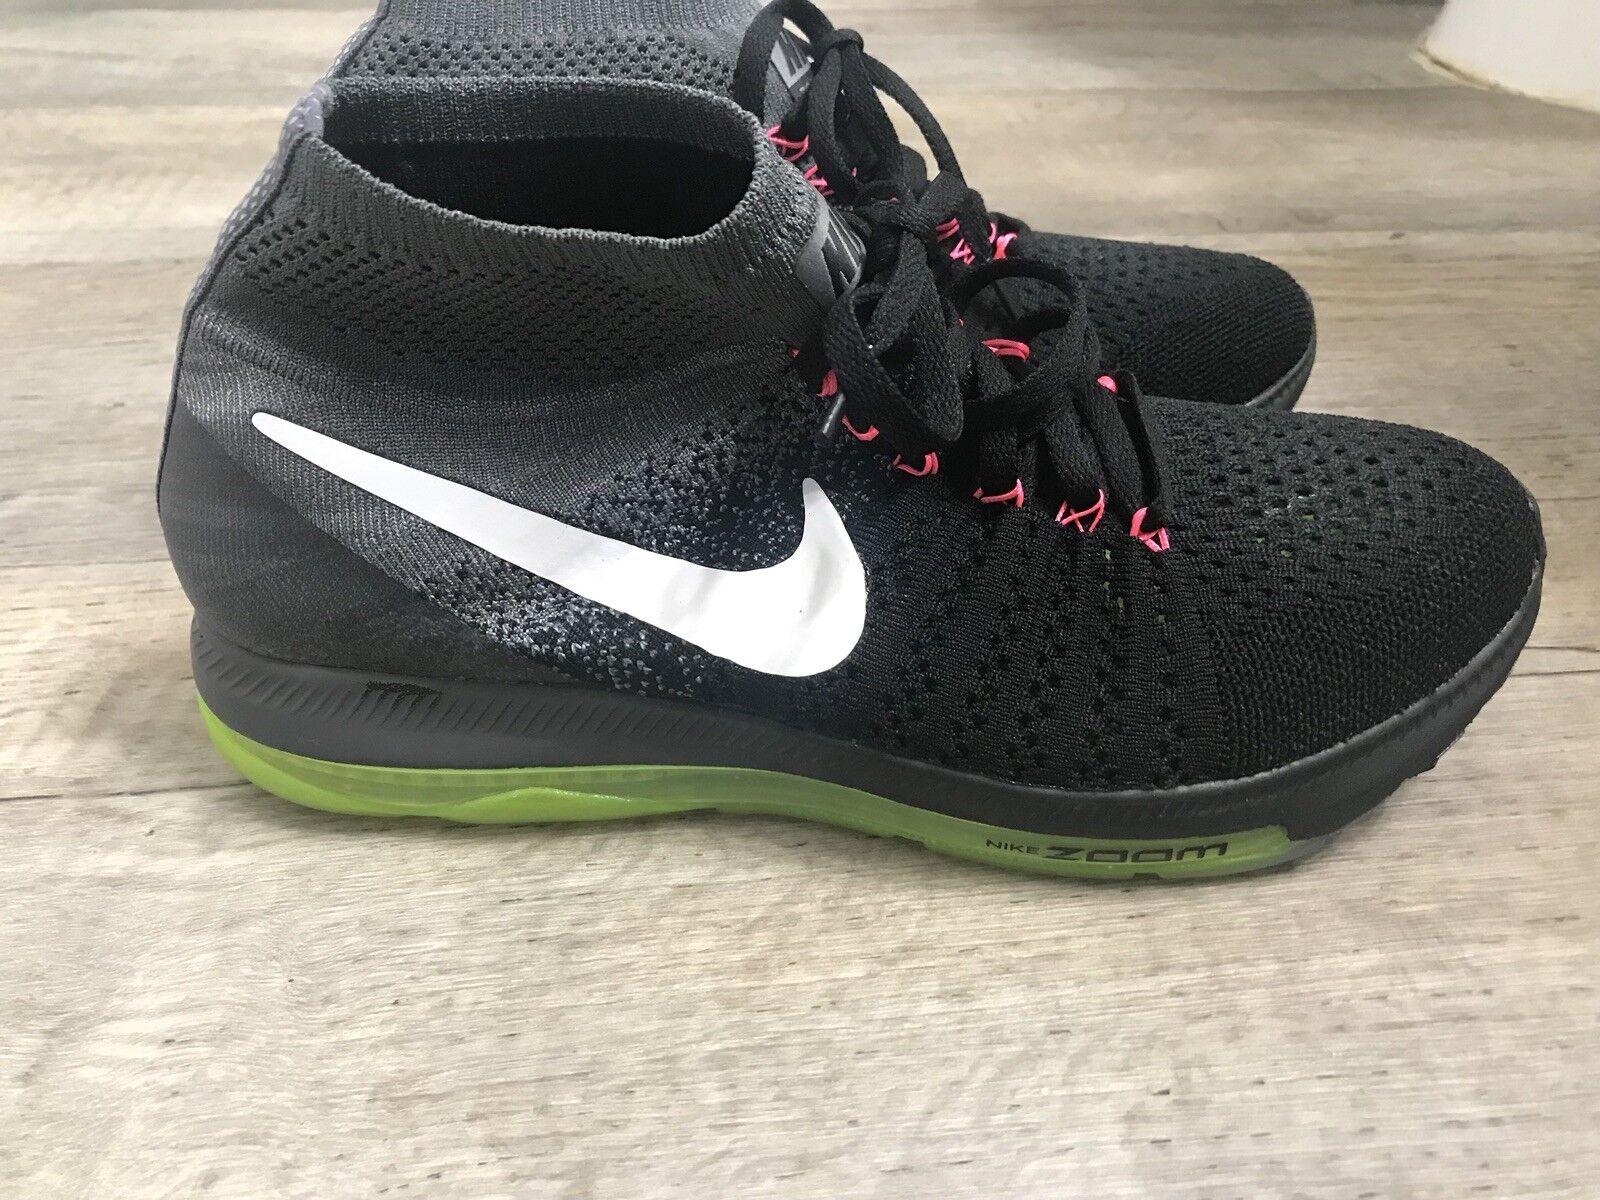 Nike donne ingrandimento tutti flyknit lupo grigio bianco / nero / giallo dimensioni